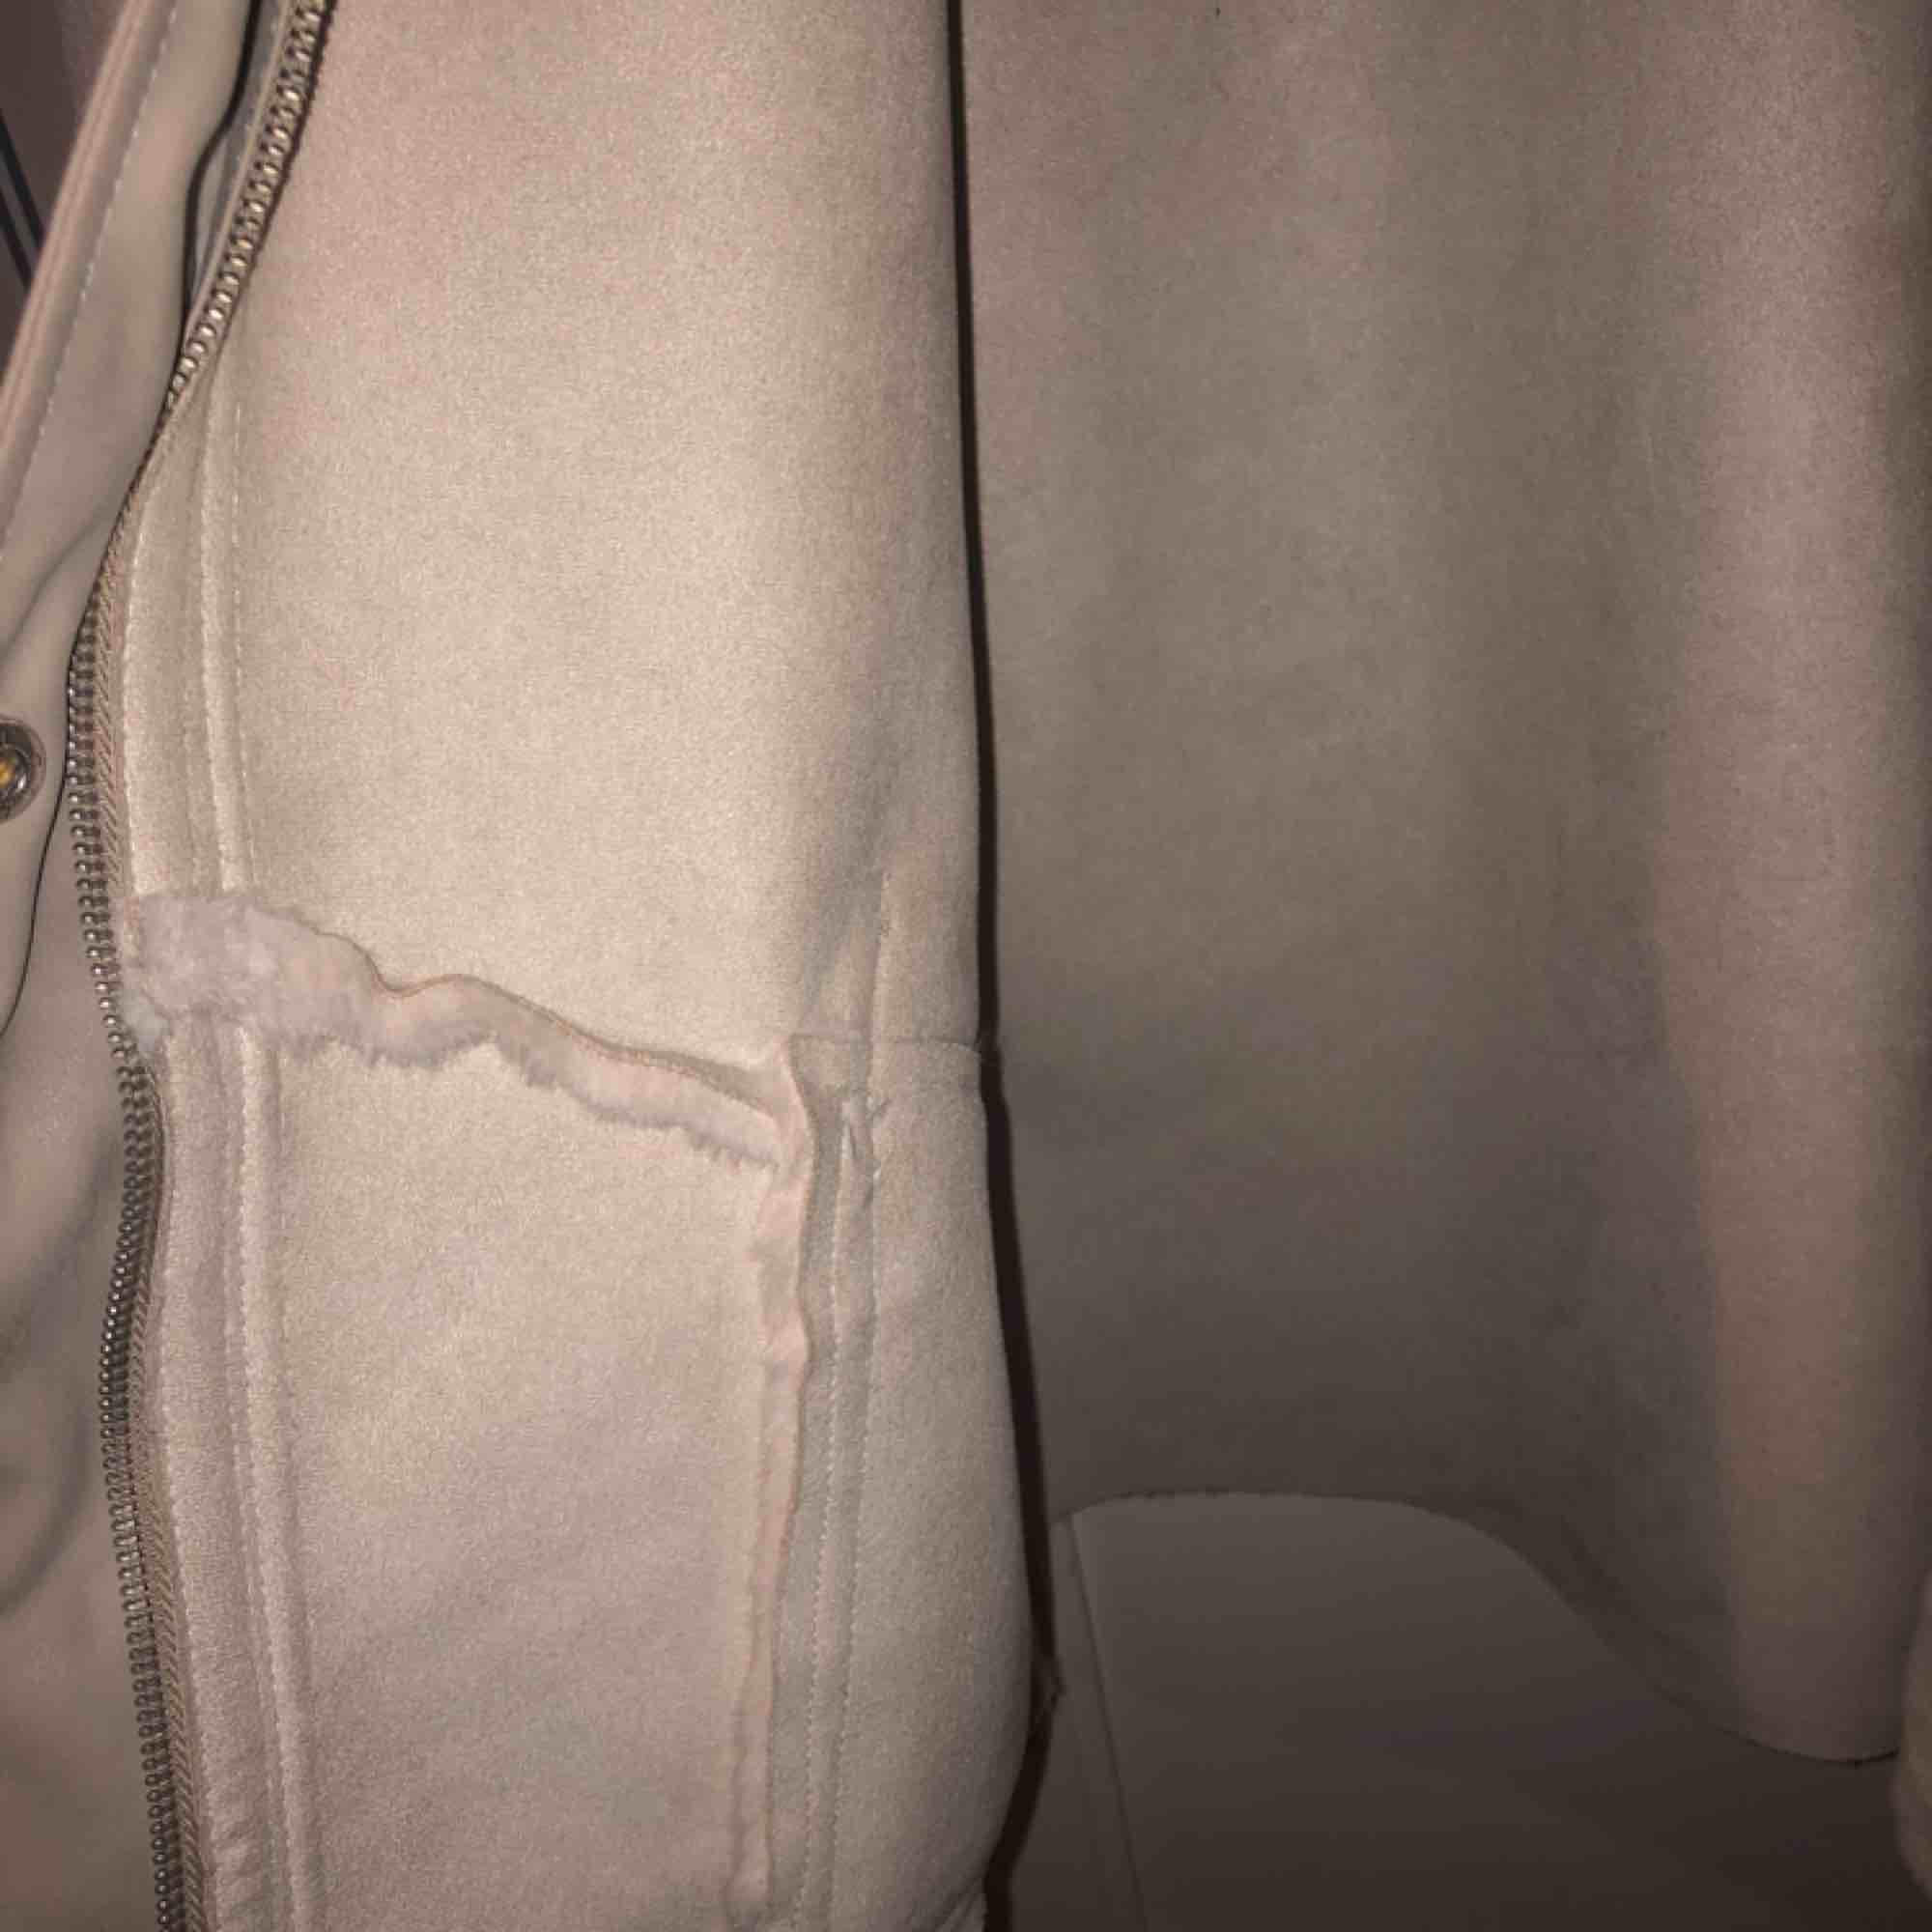 Fuskpäls jacka från Zara. Super mysig päls som är sitter jätte fint på:) Detta var deras höst kollektion förra året, som bara såldes under kortare period. Nästan helt ny, har endast använts vid ett tillfälle. Säljer den för jag har för många jackor.... Jackor.